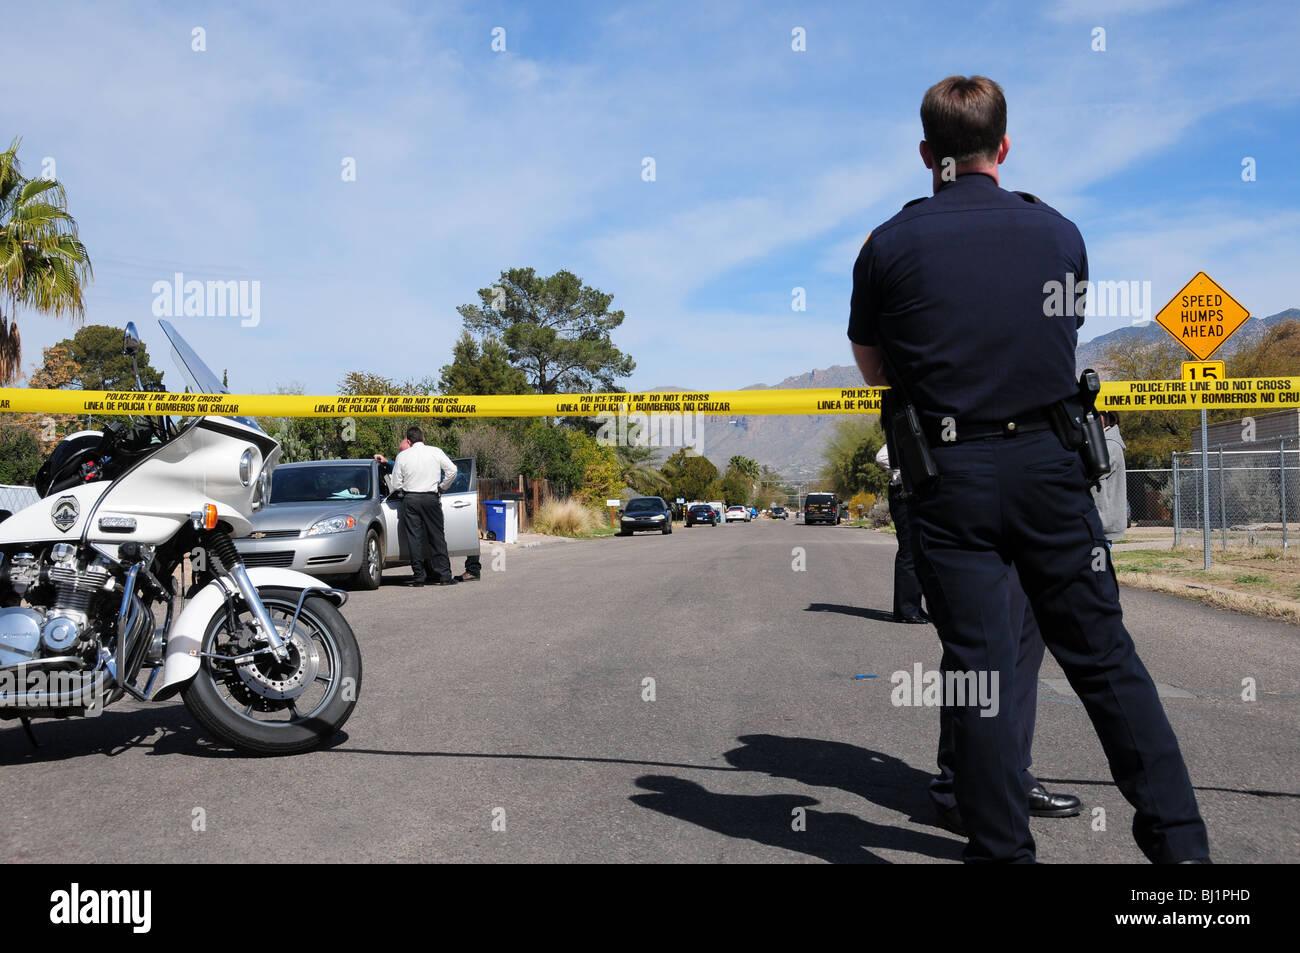 Tucson polizia indagare su un omicidio e la ripresa di un altro uomo ritiene di essere pista relative a Tucson, Immagini Stock